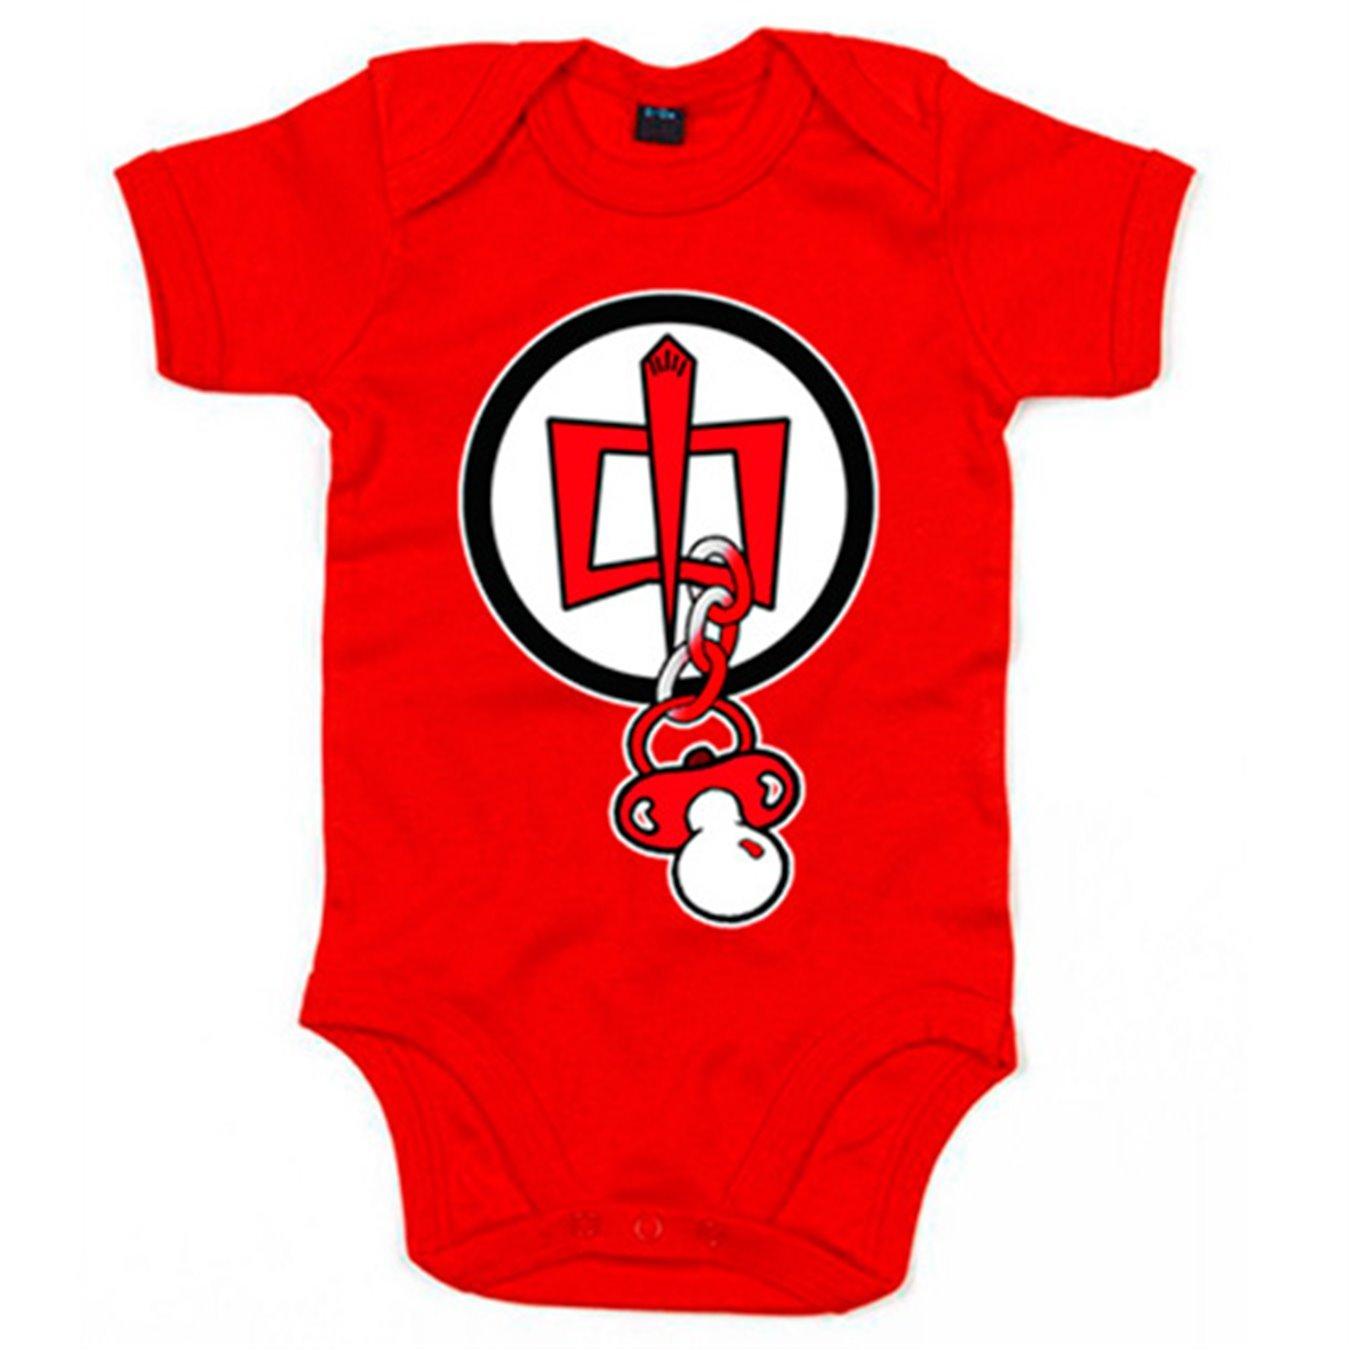 Body bebé Superhéroe Americano logo bebé chupete - Rojo, 6 ...